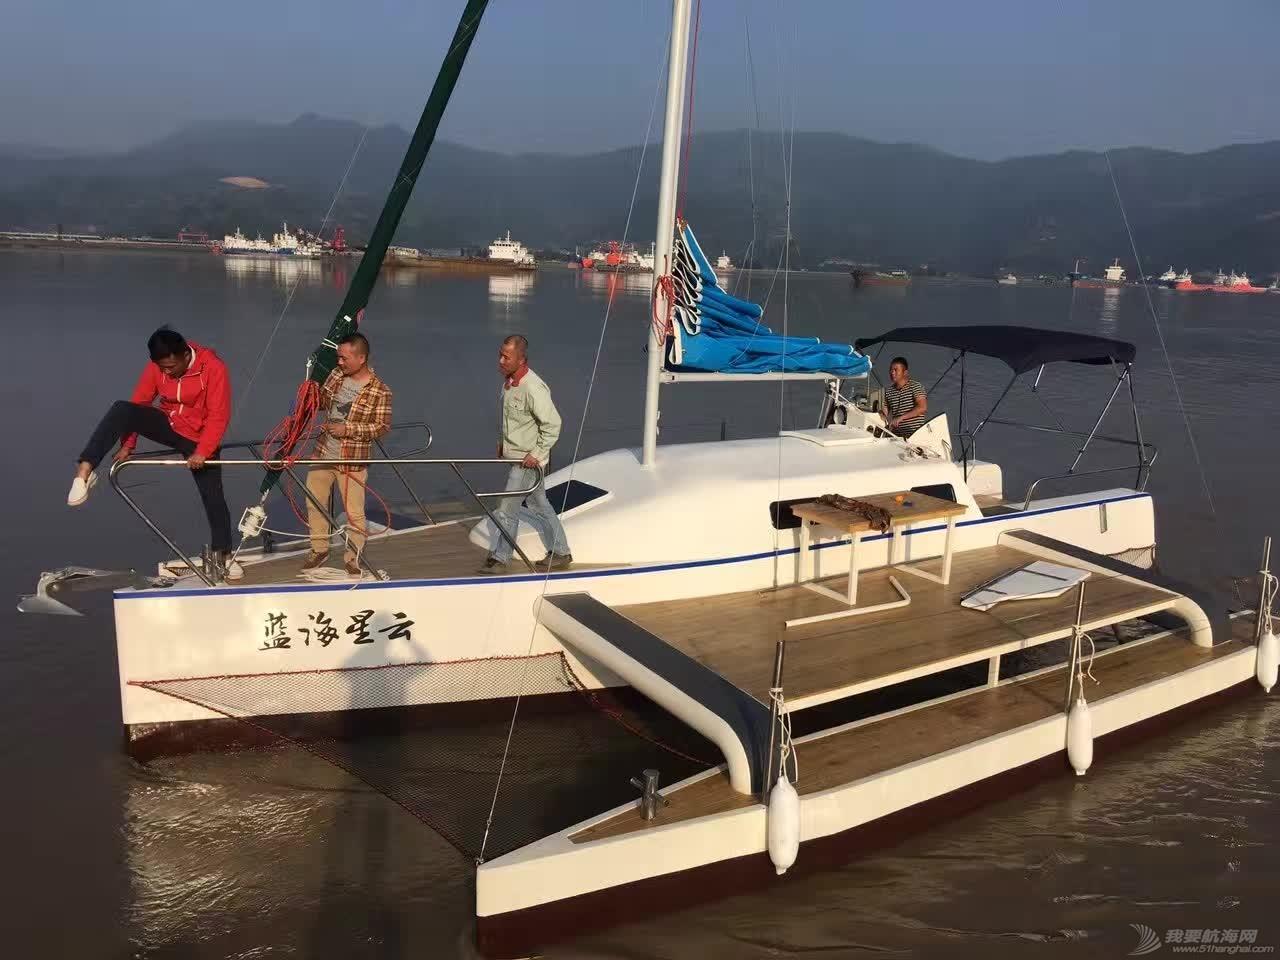 帆船 三体帆船上水 WeChatImage636150155967133762.jpg